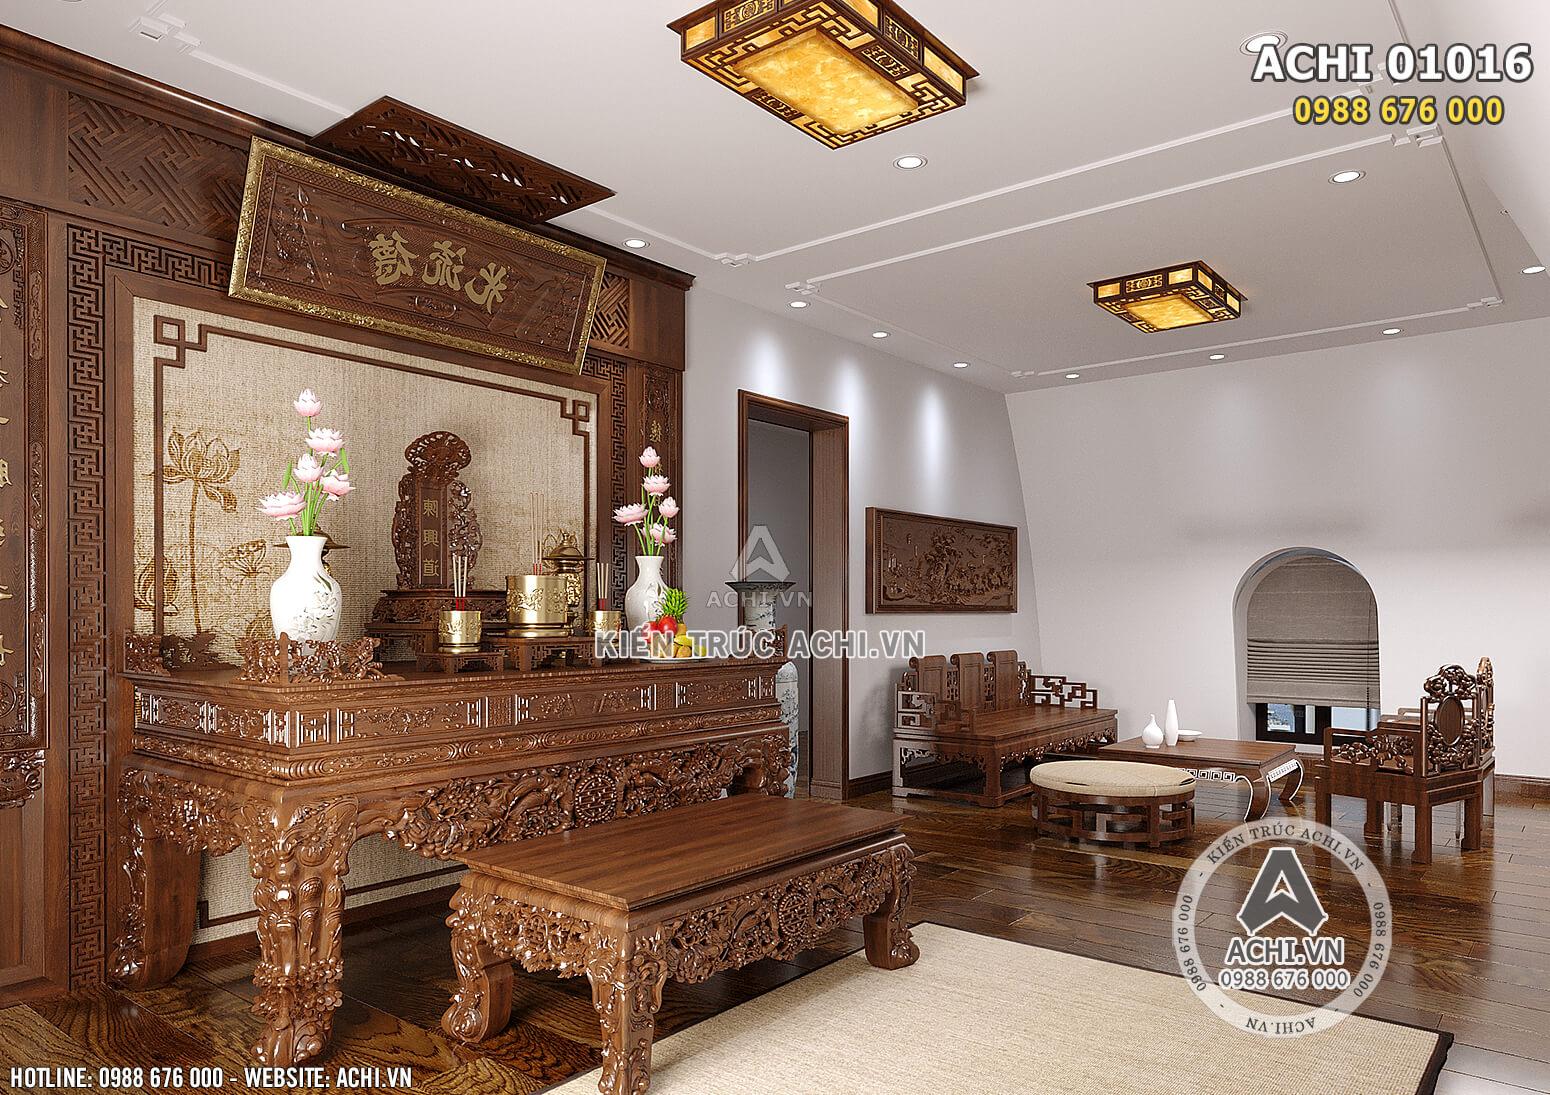 Hình ảnh: Thiết kế nội thất gỗ cho không gian phòng ngủ cho phòng thờ - ACHI 01016